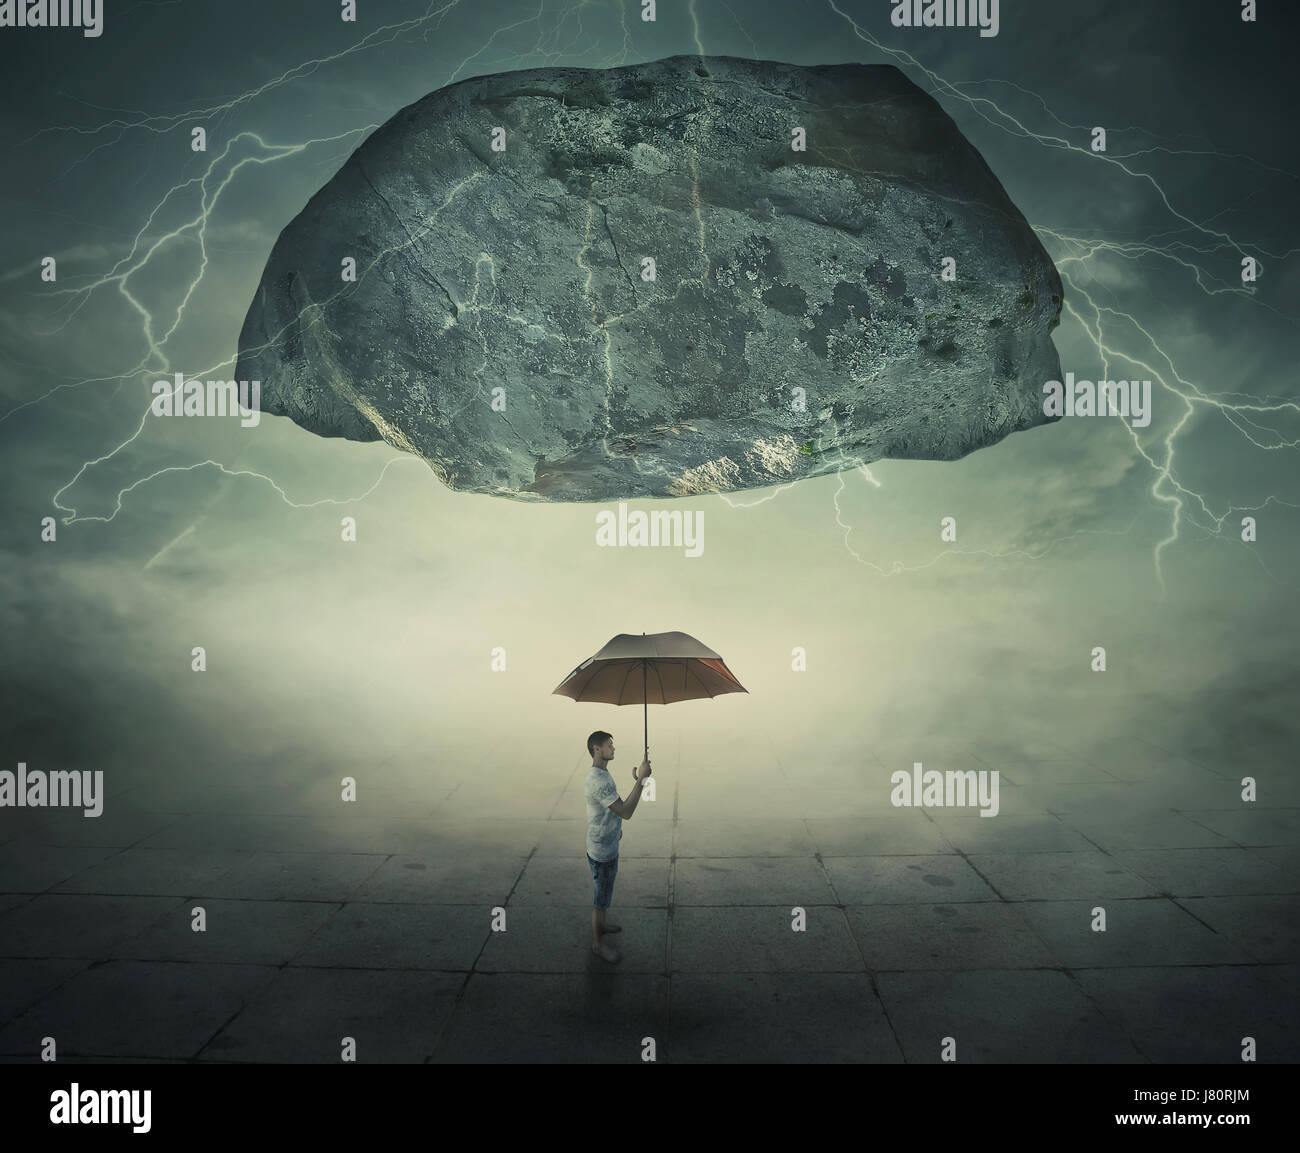 Imagen surrealista como un hombre de pie en una calle neblinosa bajo una enorme roca levitante, sosteniendo un paraguas Foto de stock